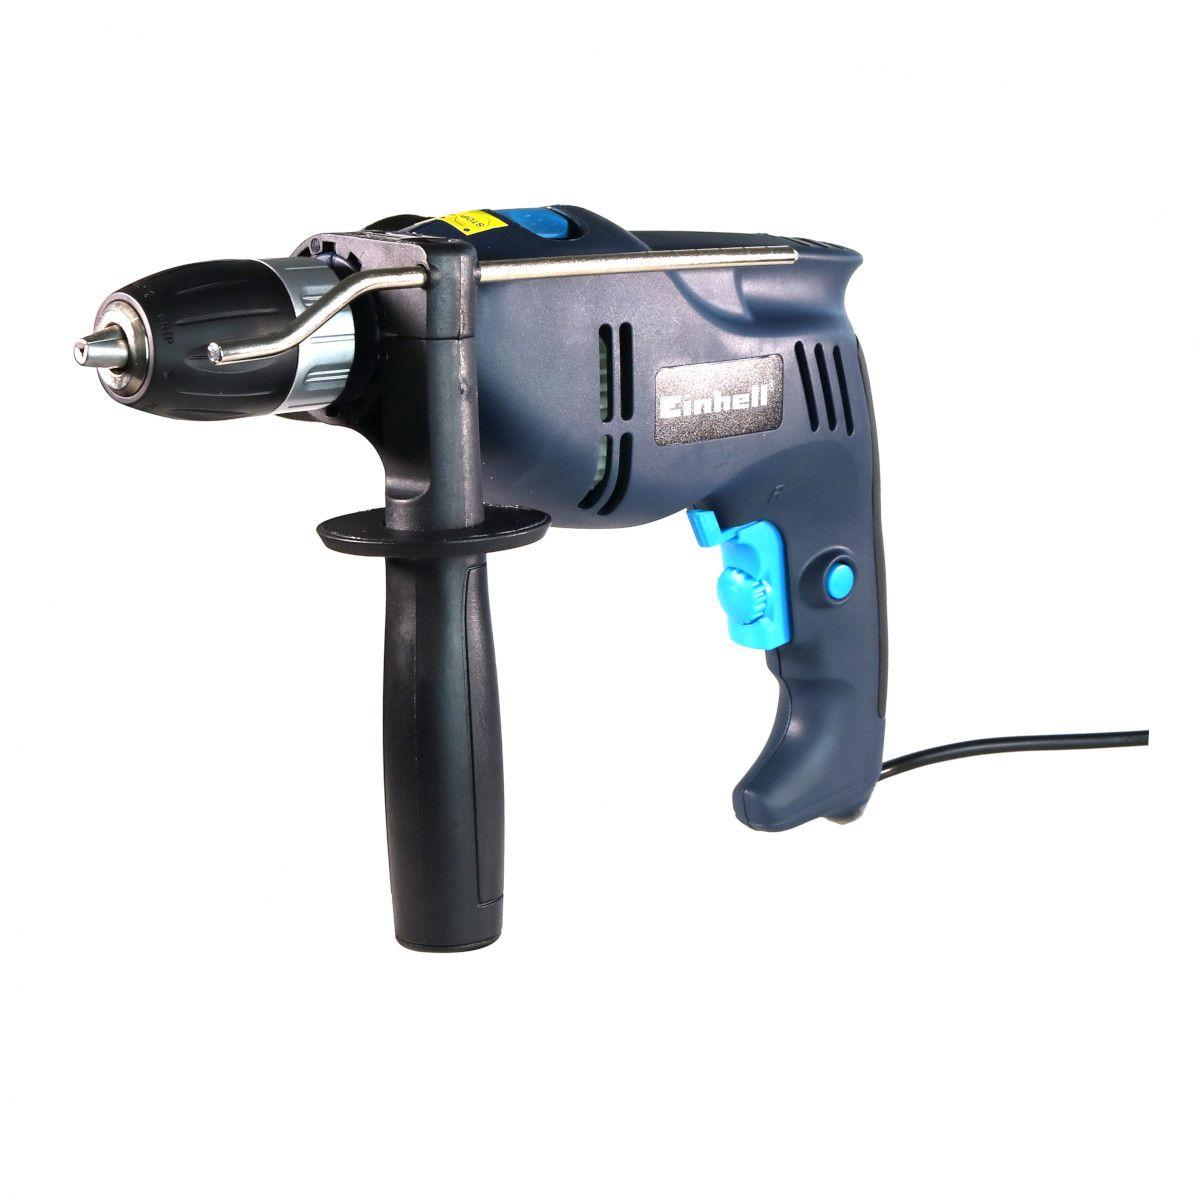 Furadeira com Impacto, 710W, Mandril 13mm, Einhell - BT ID 710 E